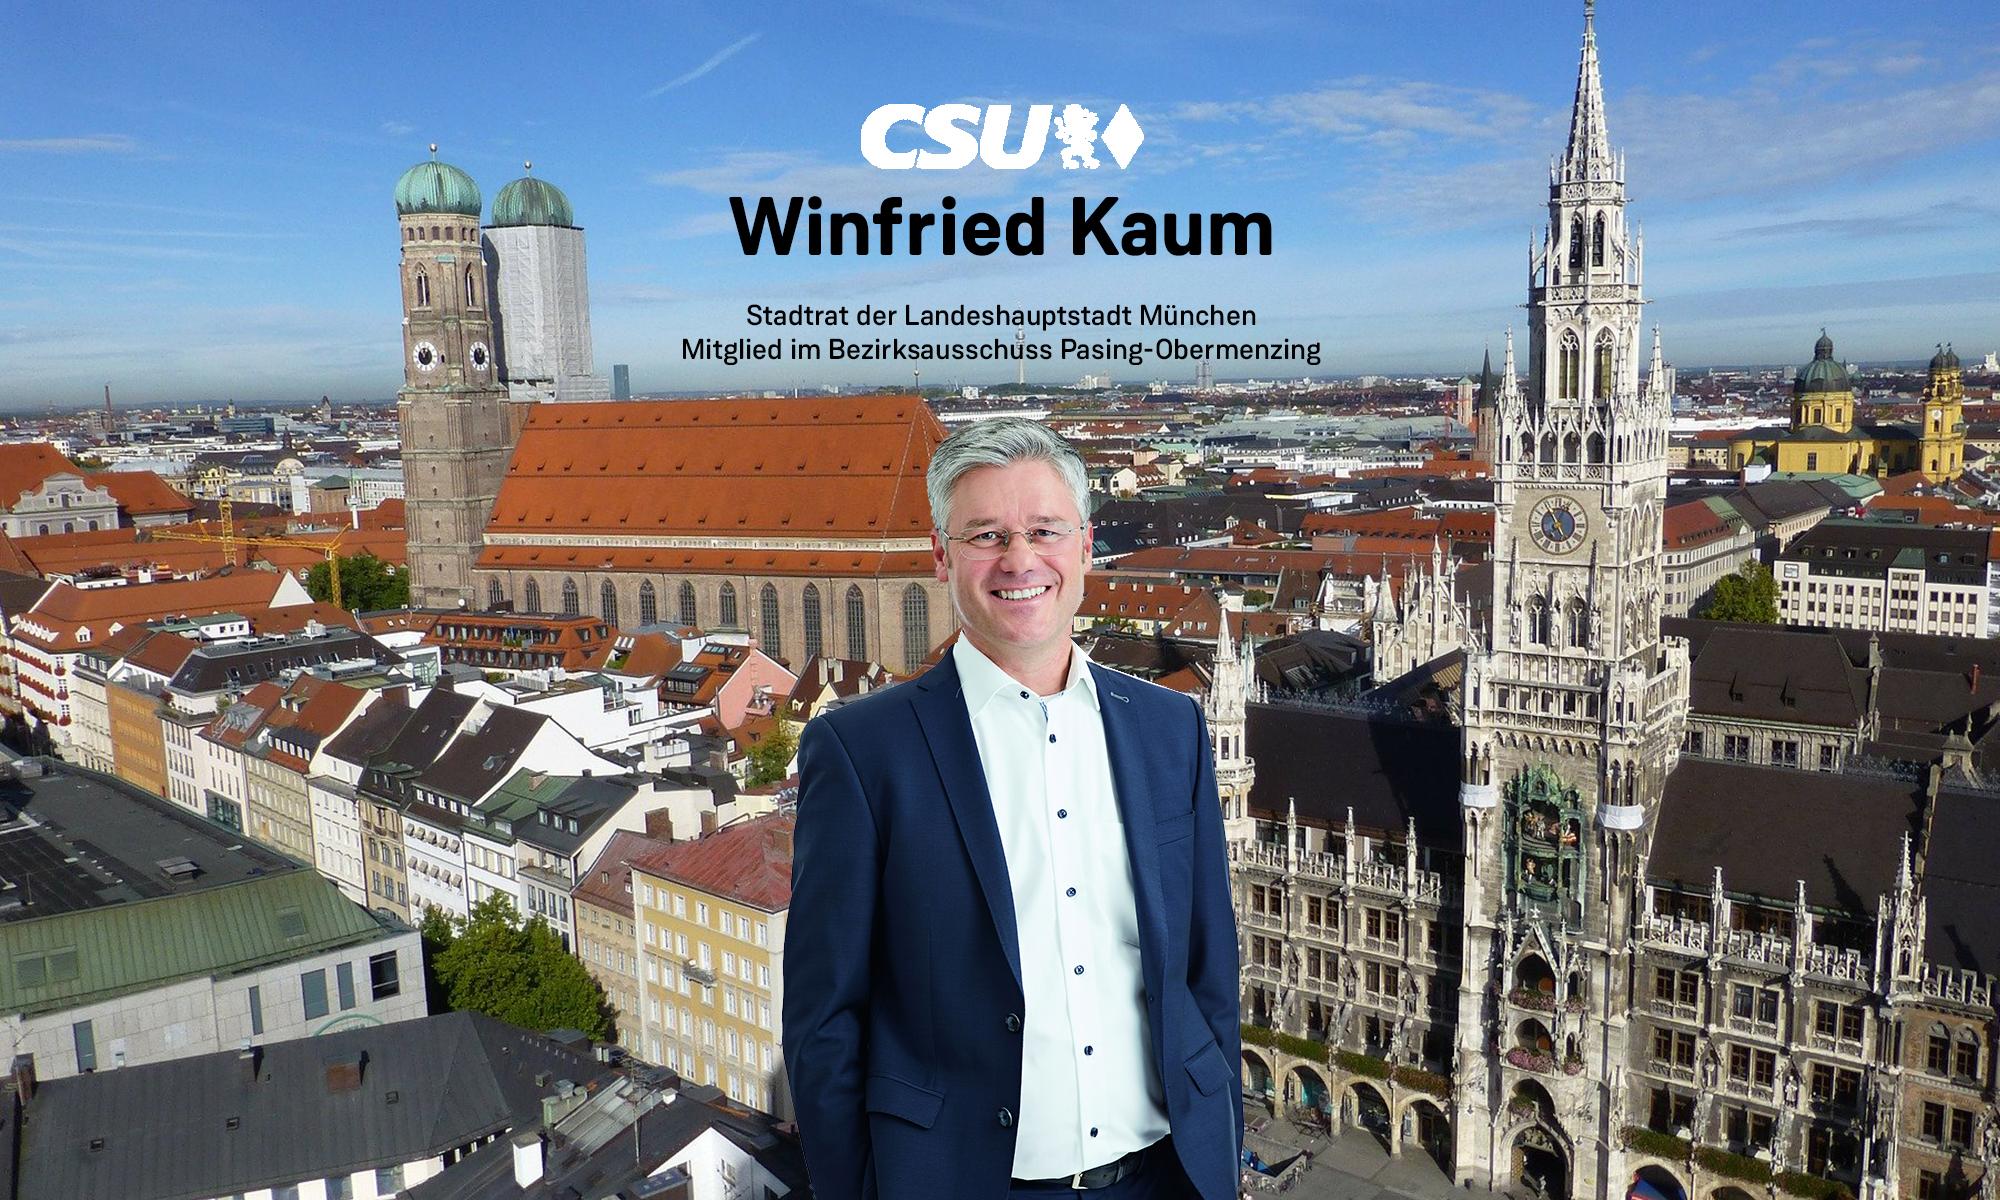 Winfried Kaum